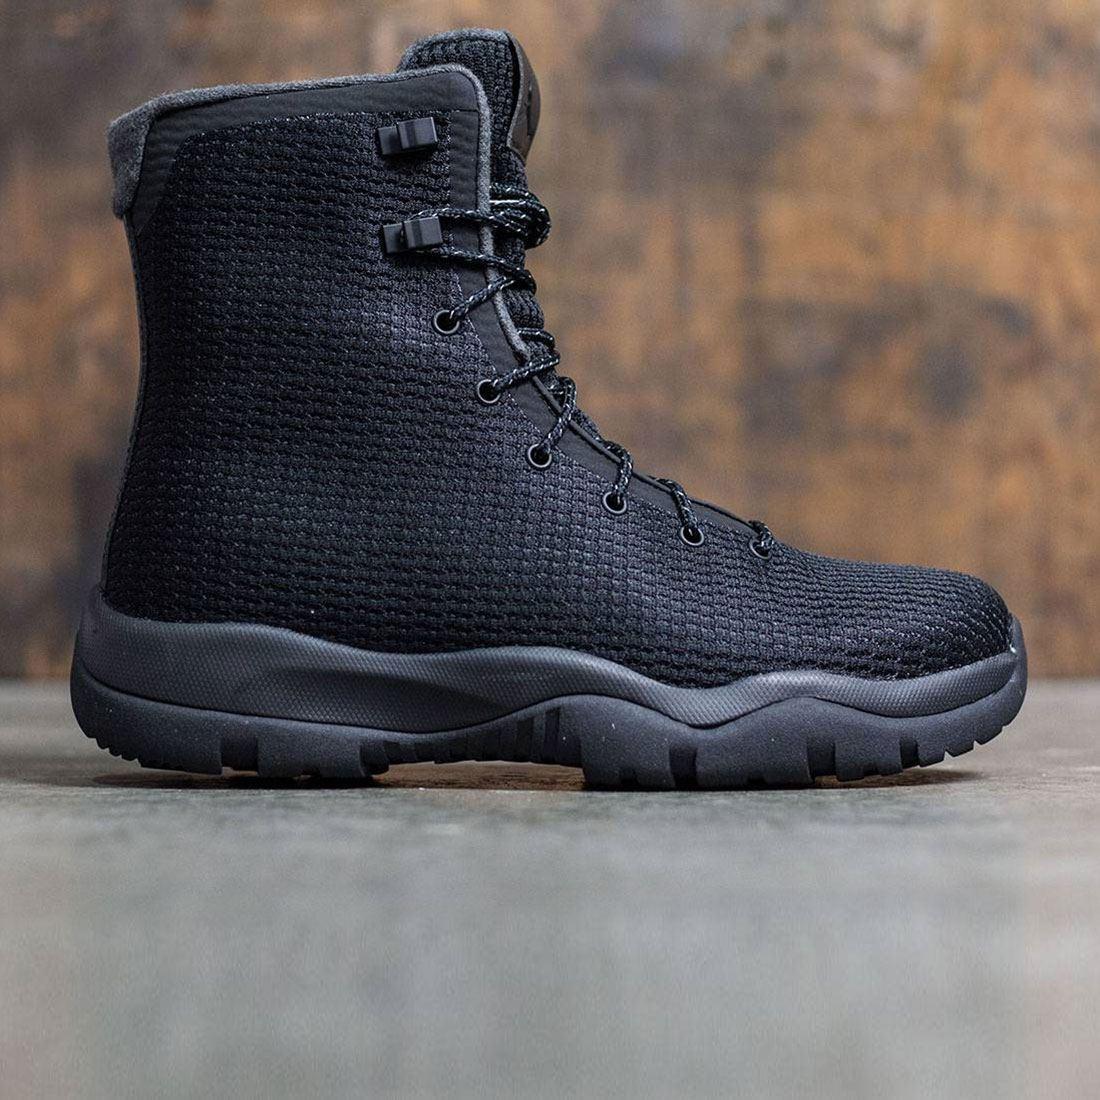 jordan future boots